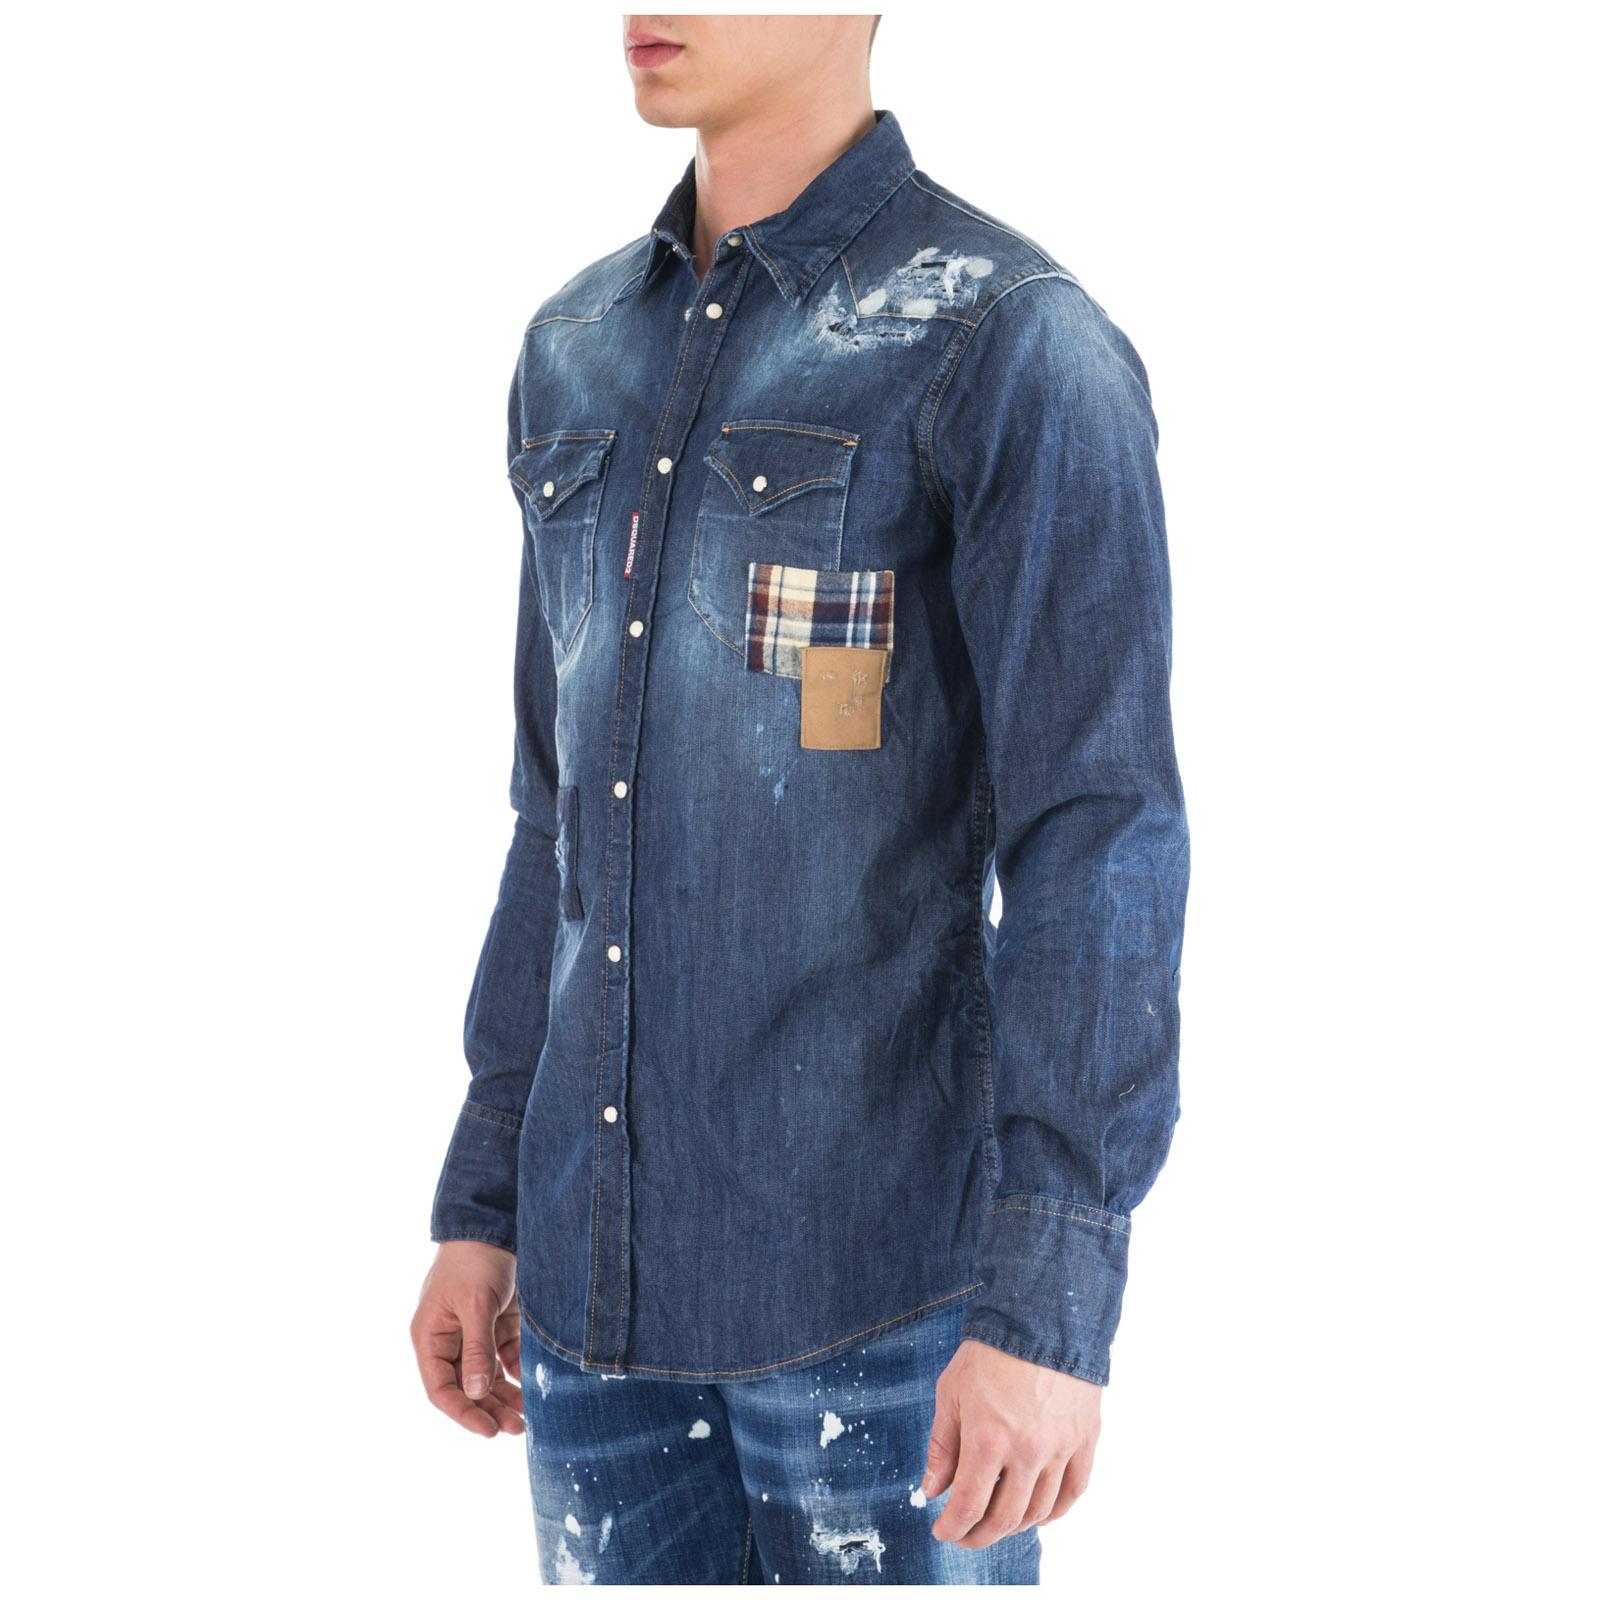 35d7b84c732 ... Chemise à manches longues homme in denim jeans